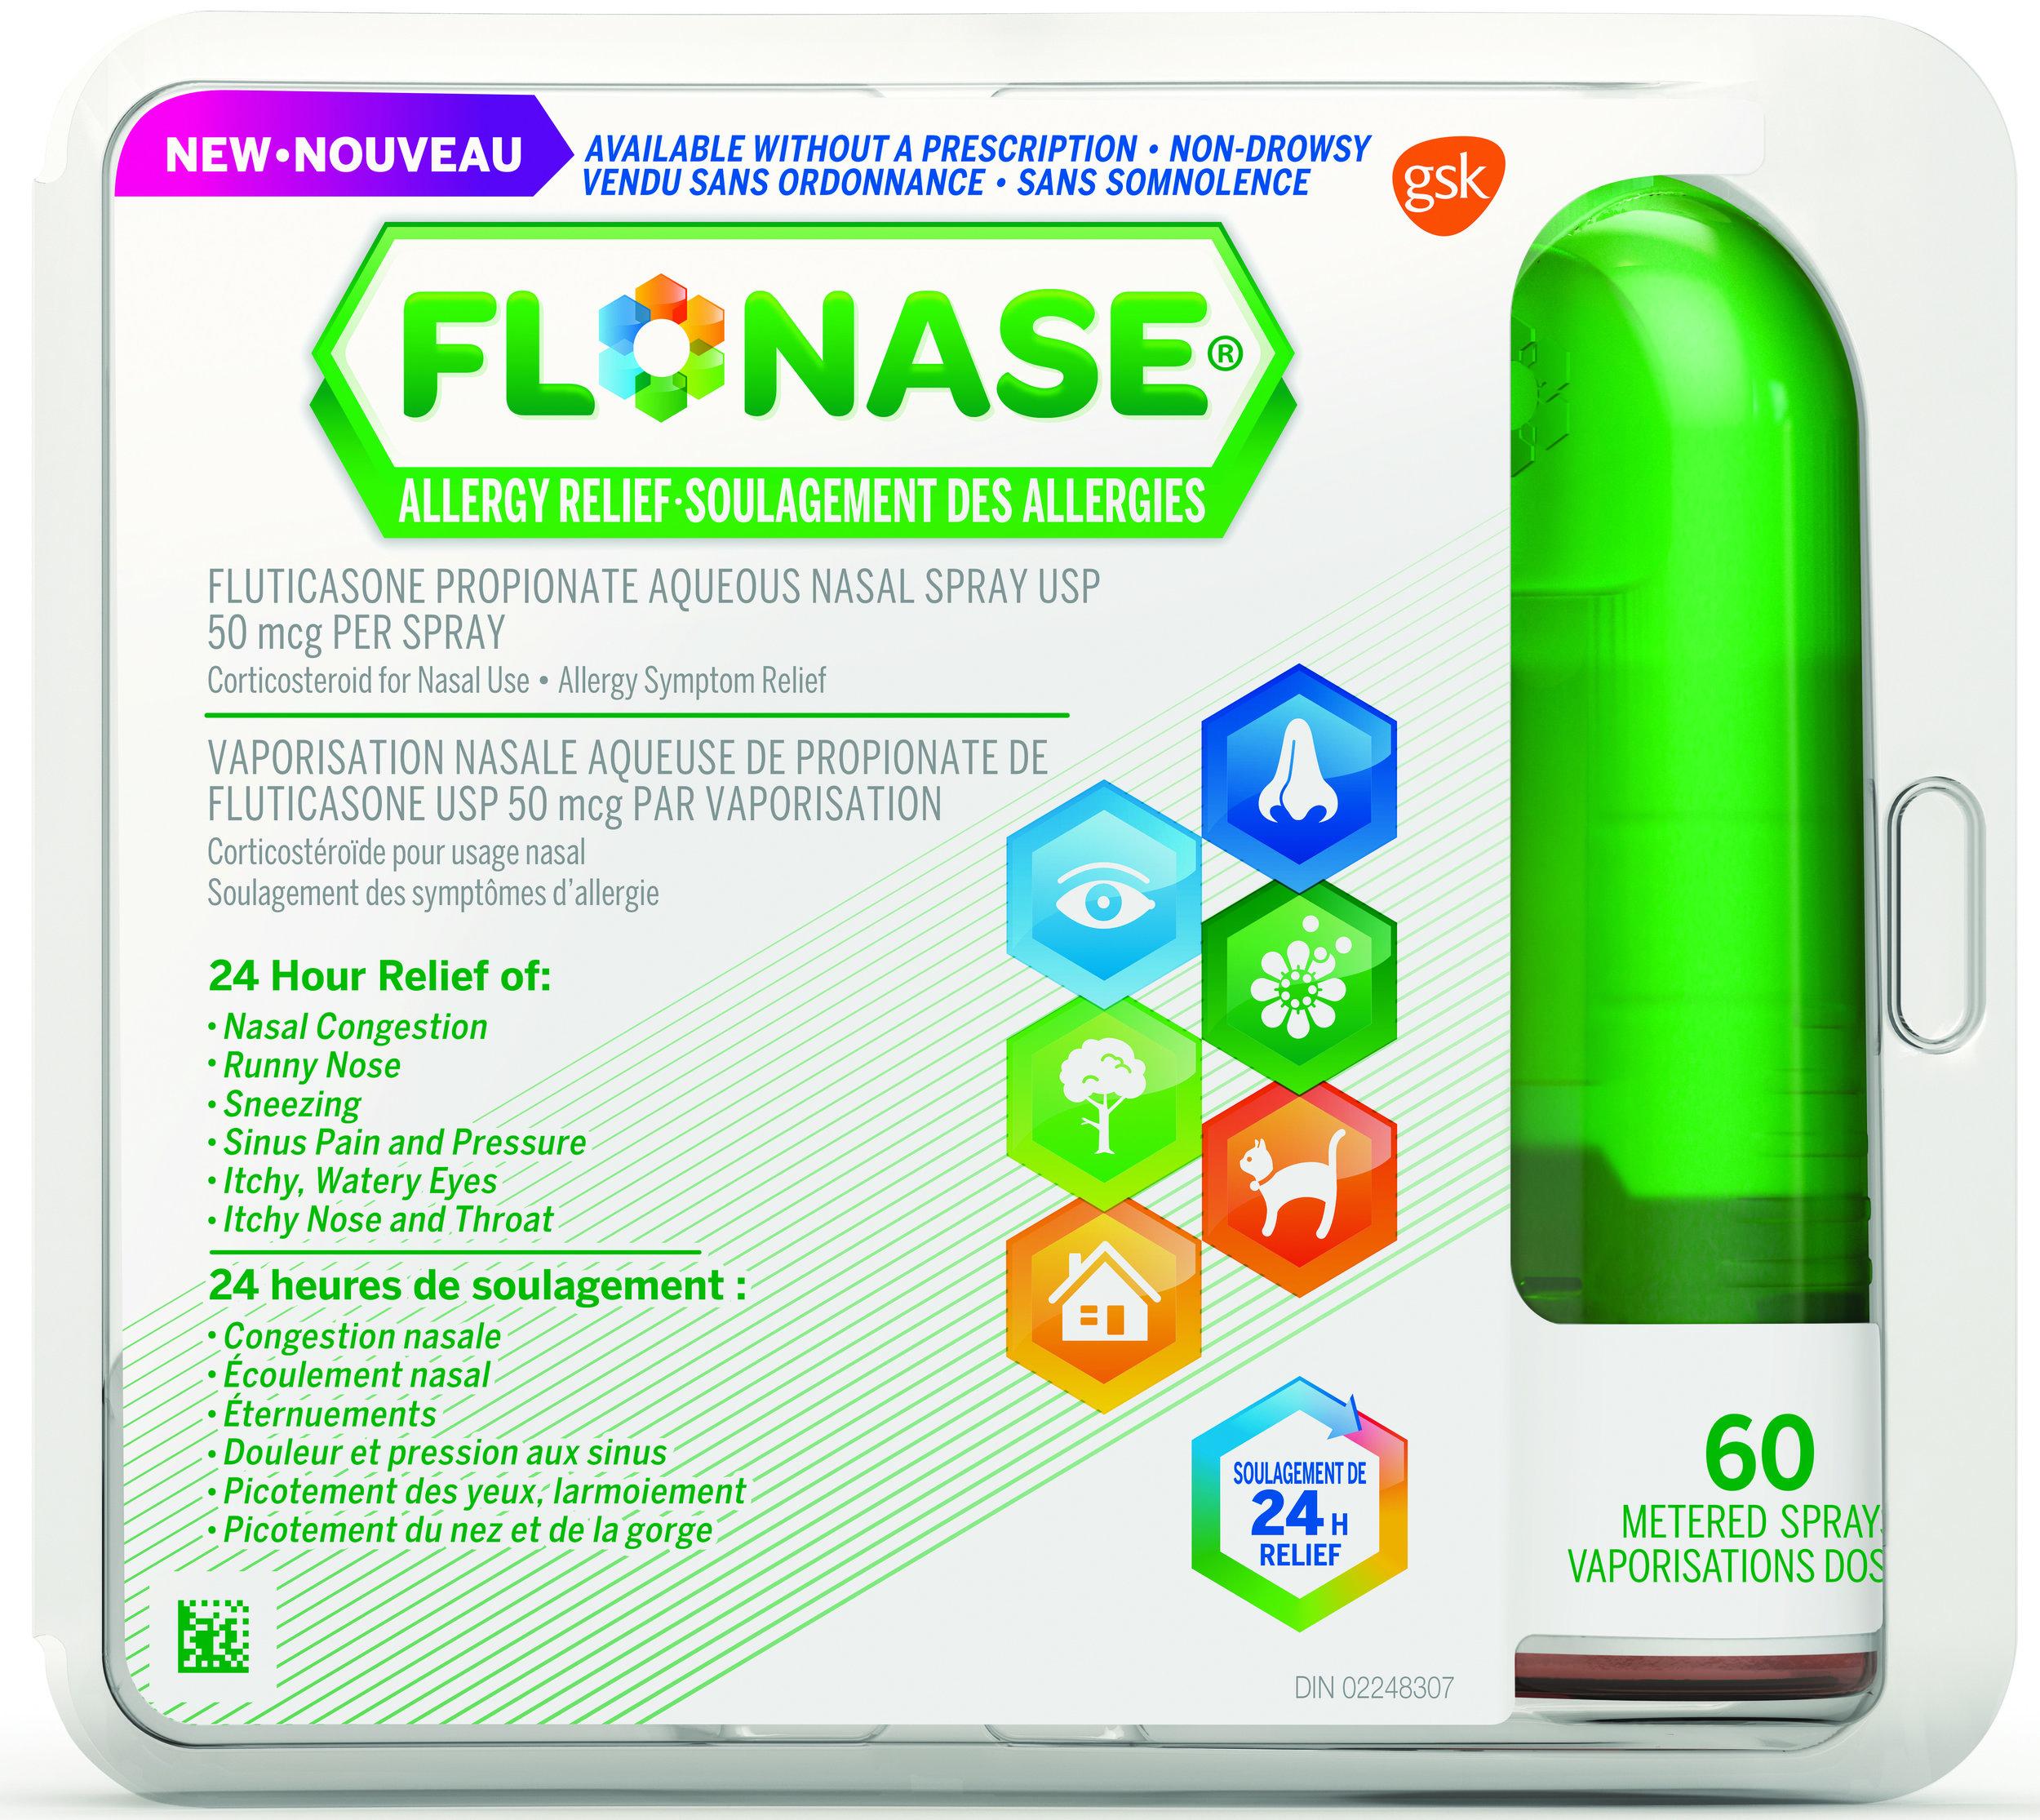 Flonase Allergy Relief